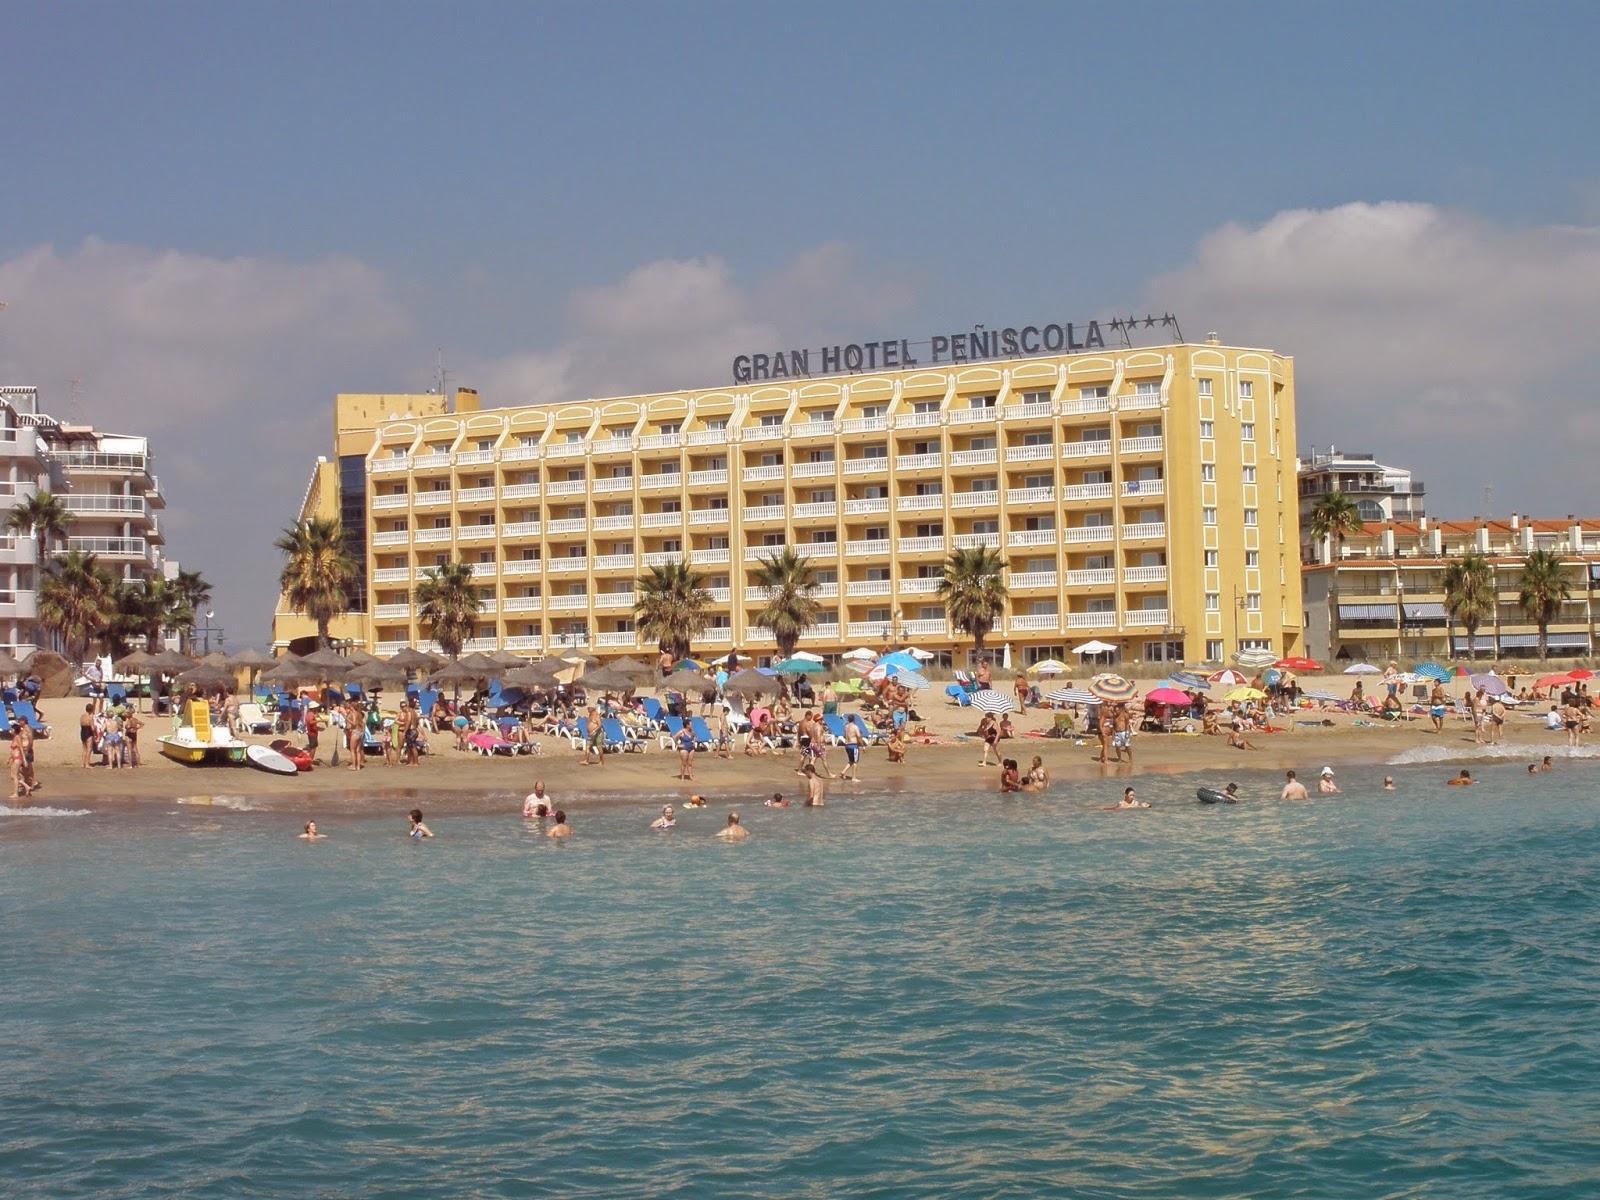 Vista del hotel desde una barca a pedales en la playa